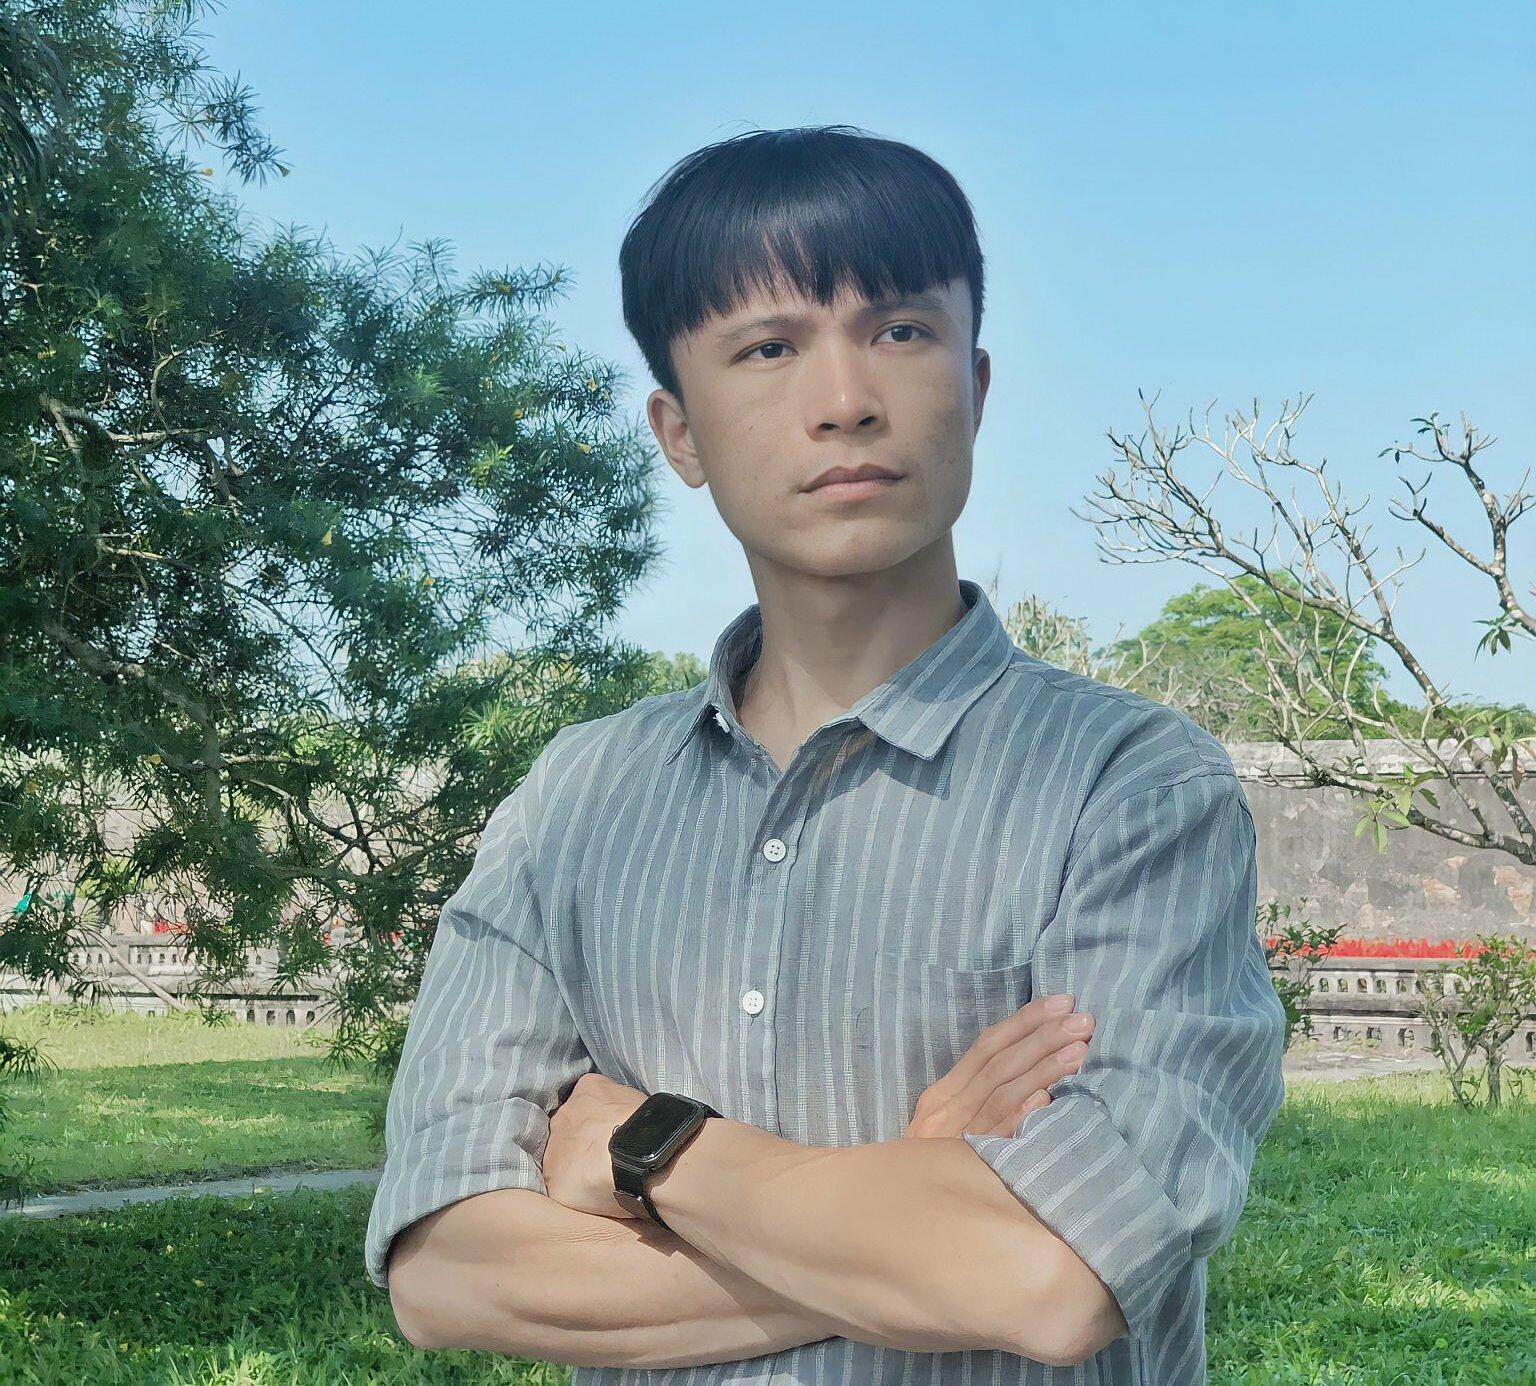 Khởi đầu với học lập trình trực tuyến, sau 4 năm theo ngành công nghệ thông tin, Hoàng Mạnh Tiến nhận mức lương 8 con số, đồng thời thành lập công ty trong lĩnh vực công nghệ.